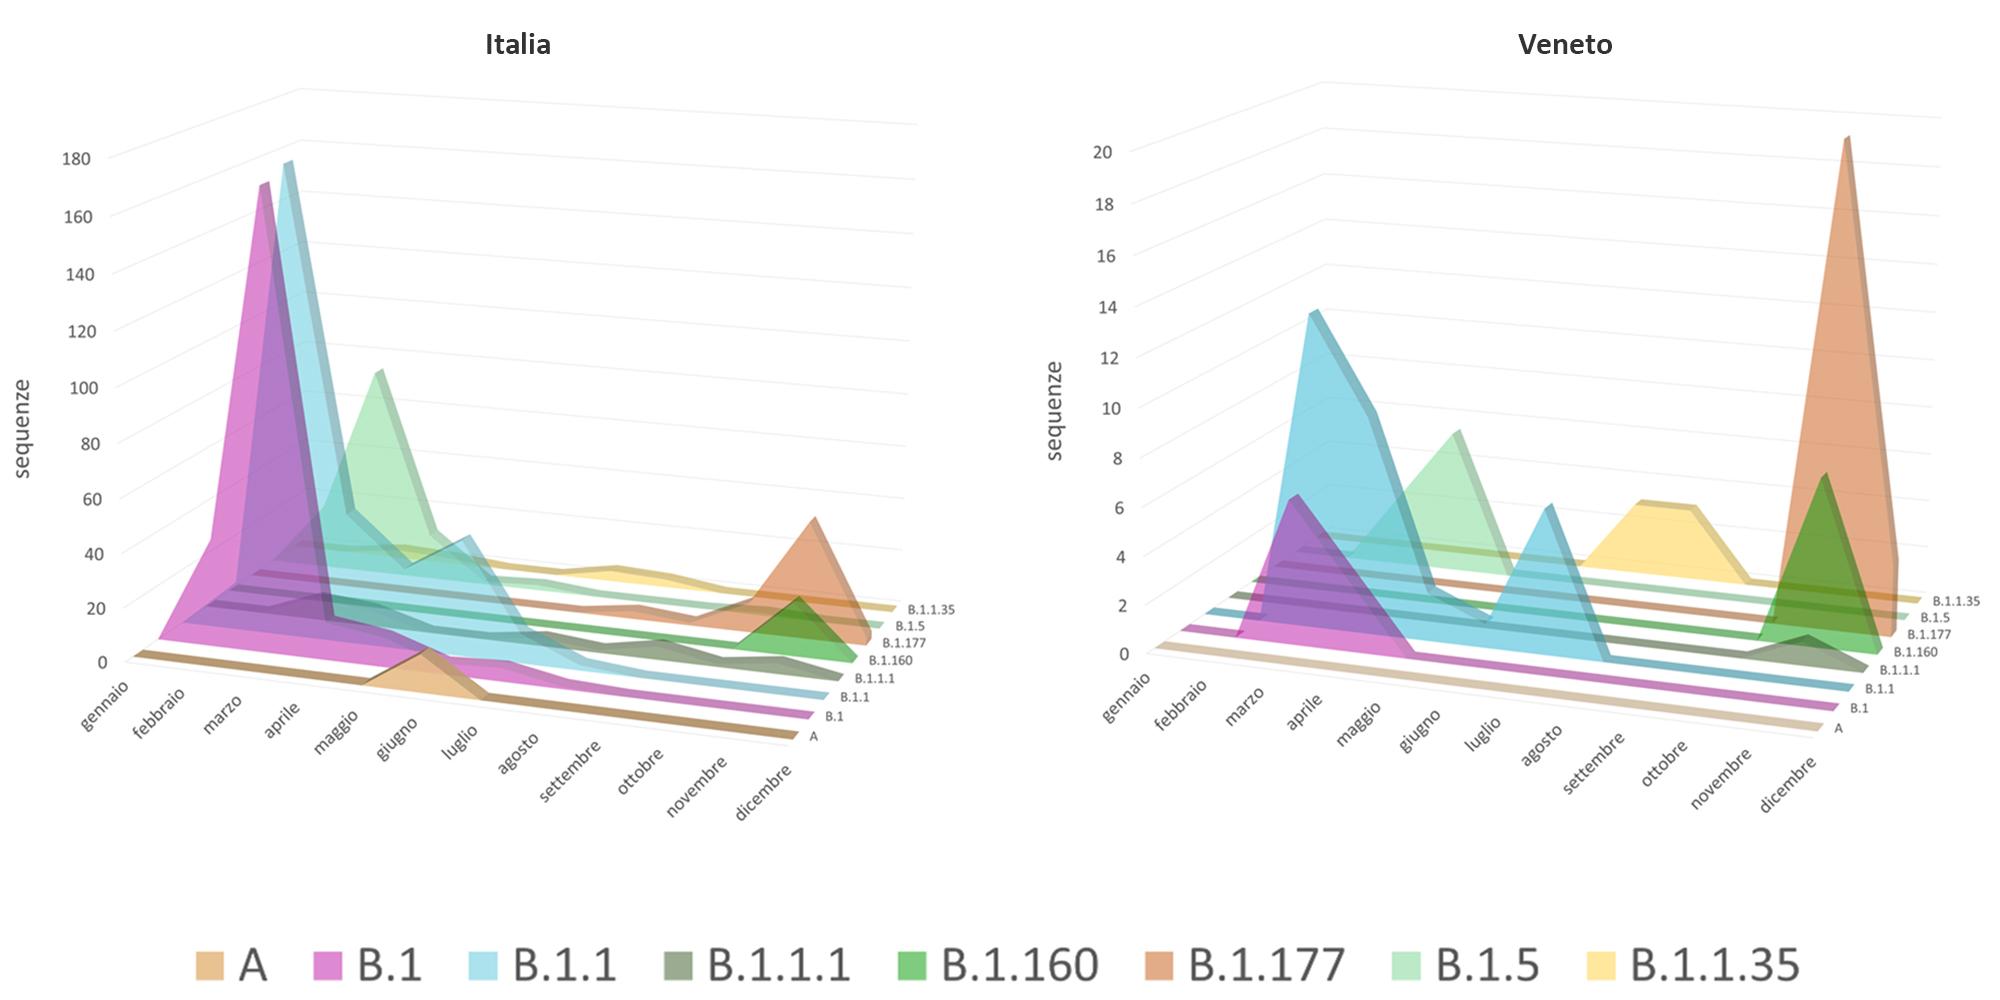 SARS-CoV-2. Distribuzione dei diversi lineage per mese in Italia e in Veneto